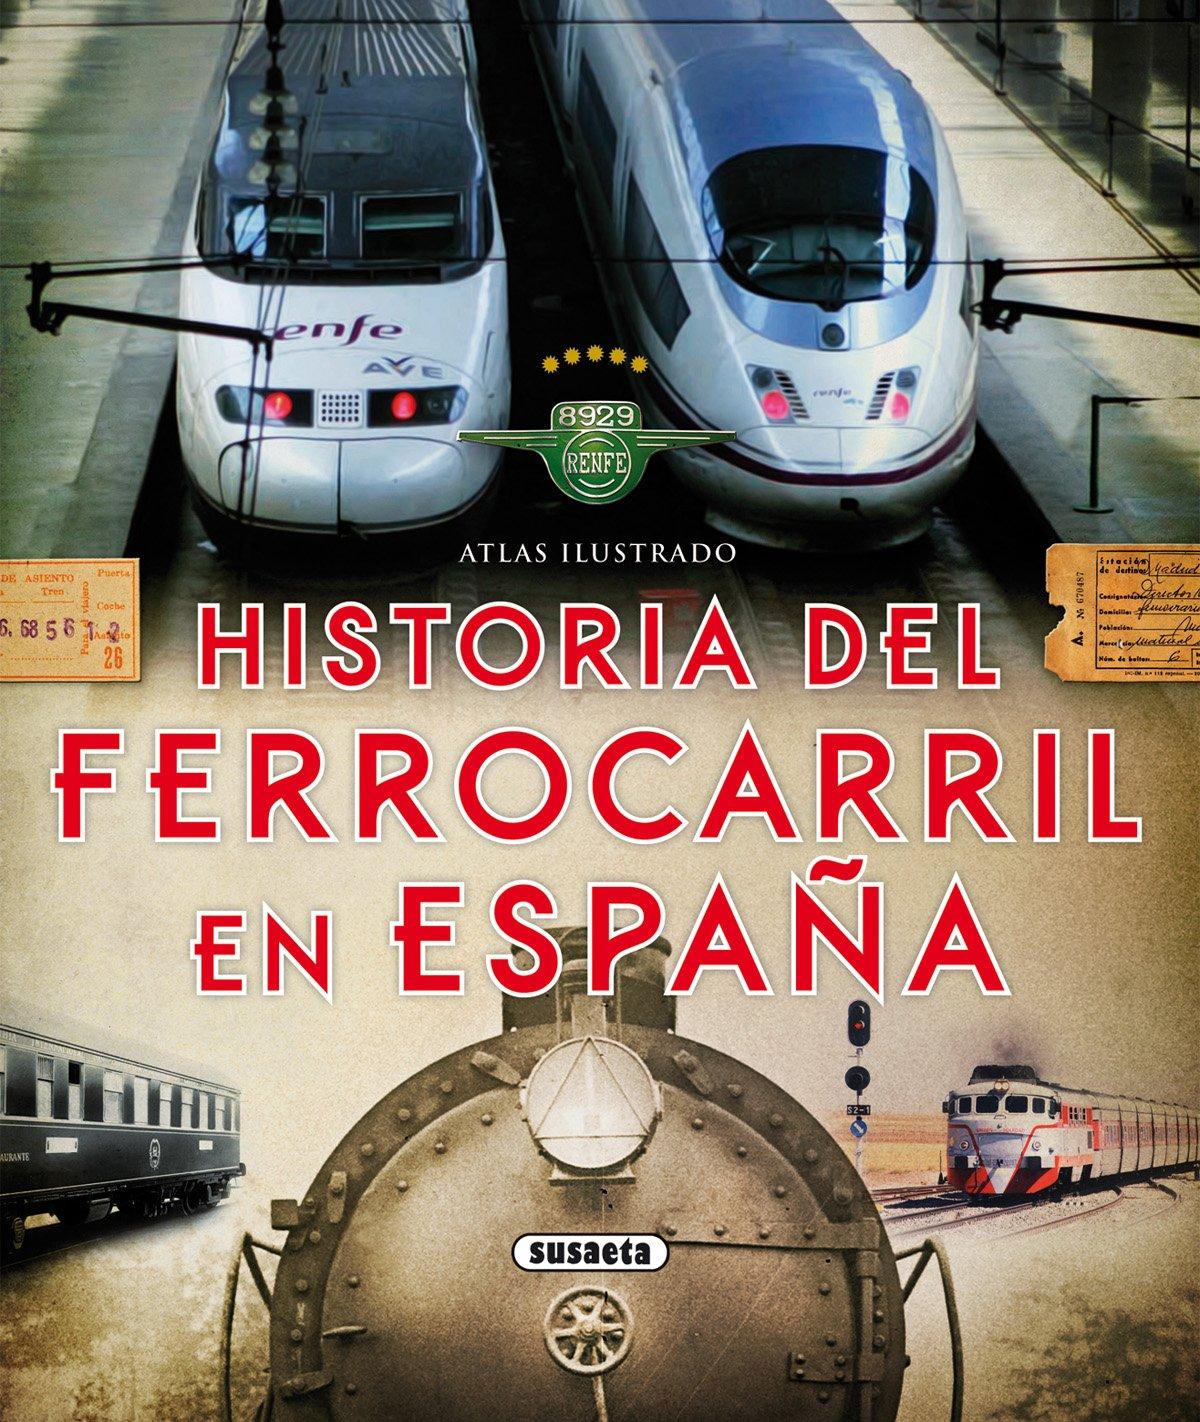 Atlas ilustrado. Historia del ferrocarril en España